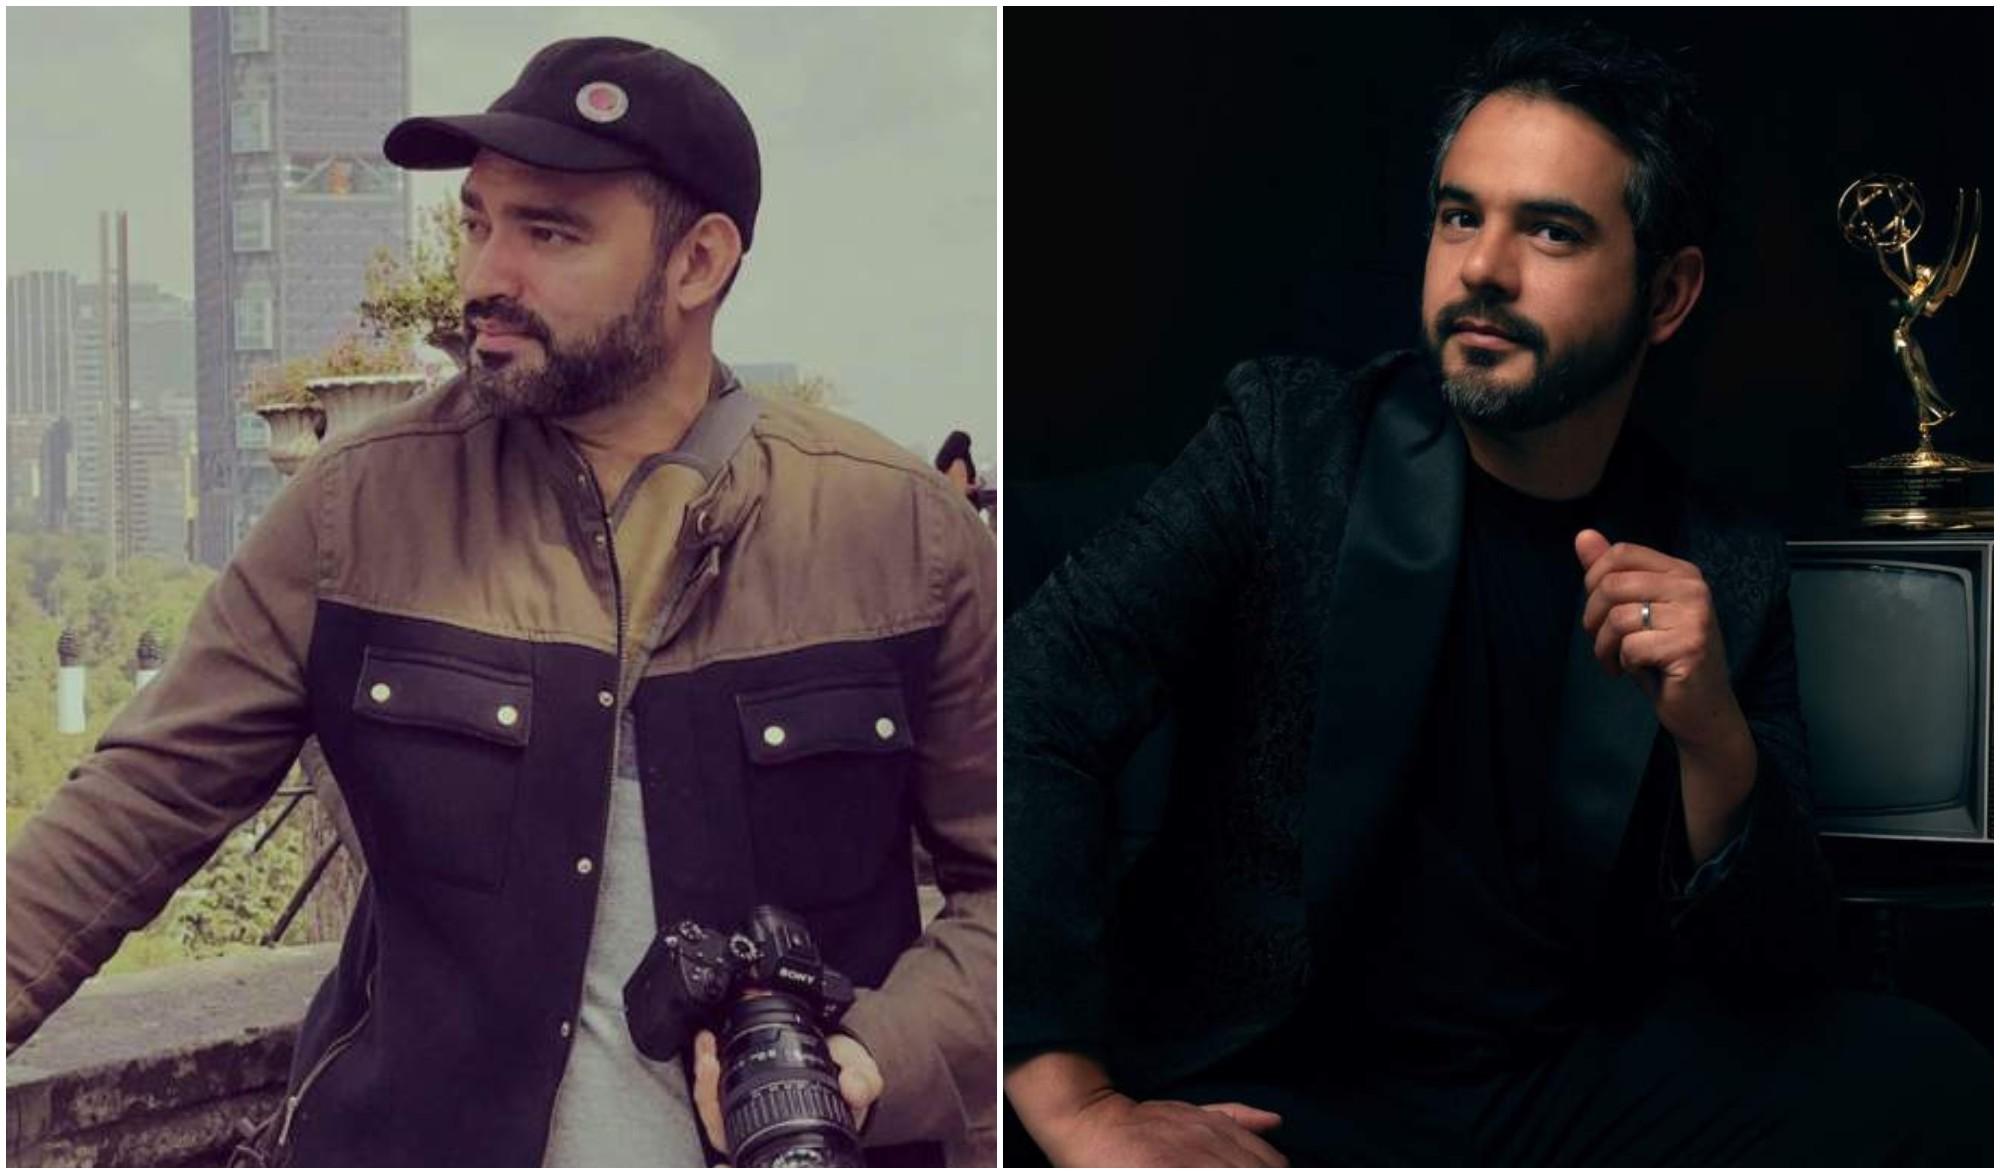 Hondureños Mario Ramos y Adrián Guerra nominados a un Emmy